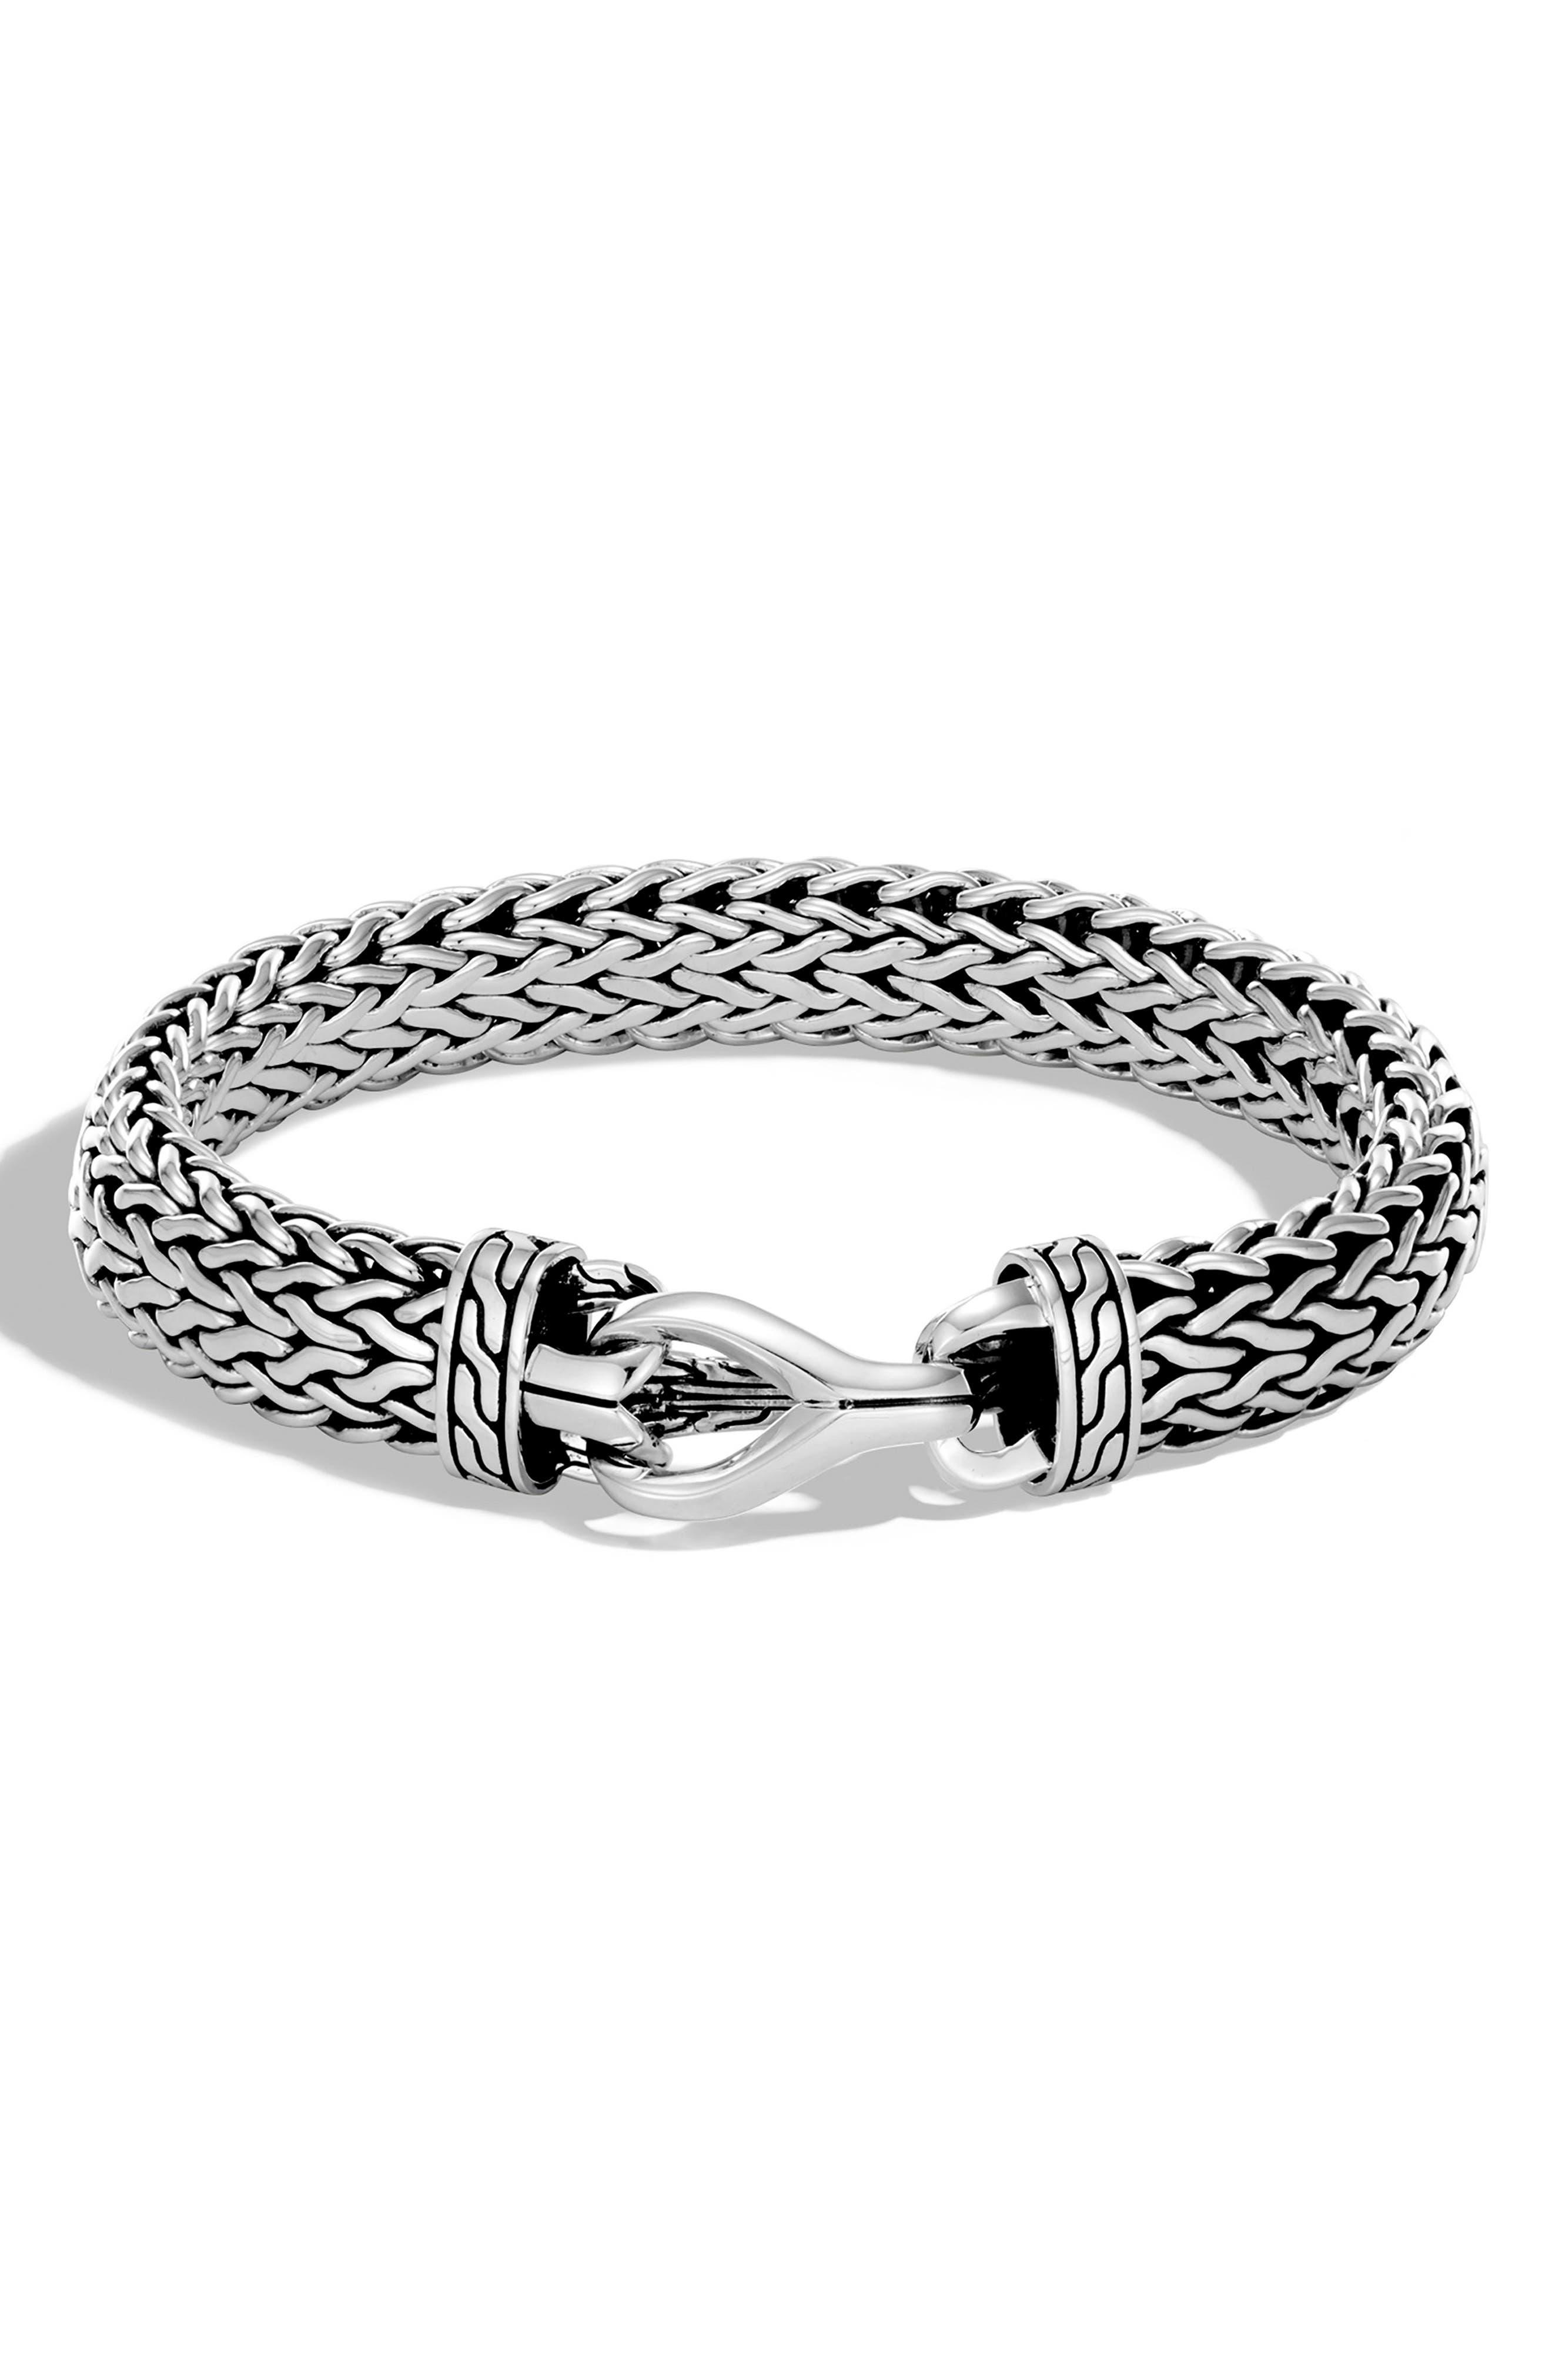 Men's Asli Classic Chain Link Bracelet,                             Main thumbnail 1, color,                             Silver